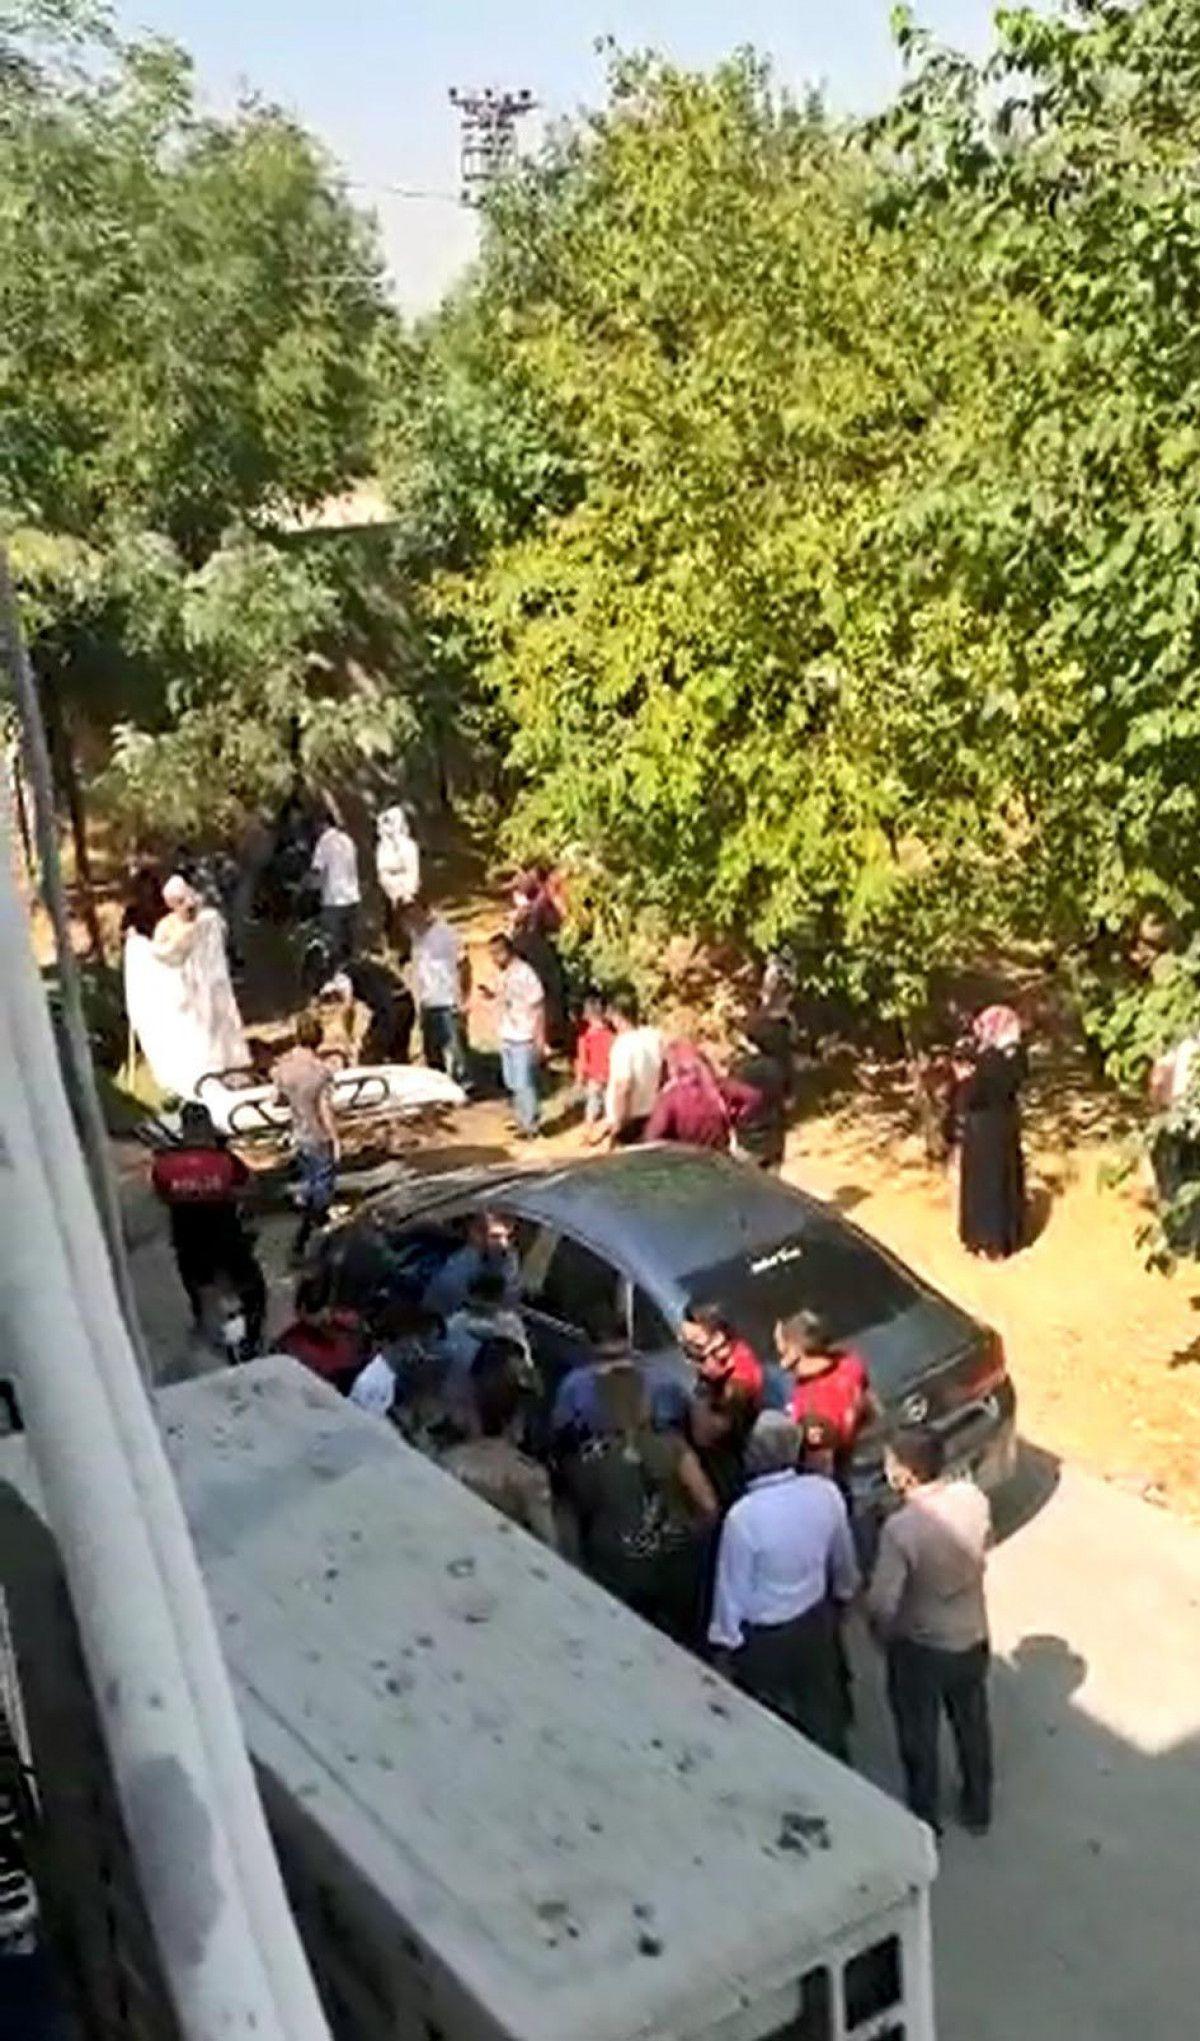 Diyarbakır da akıma kapılan hastayı, yakınları hastane bahçesine gömmek istedi #1